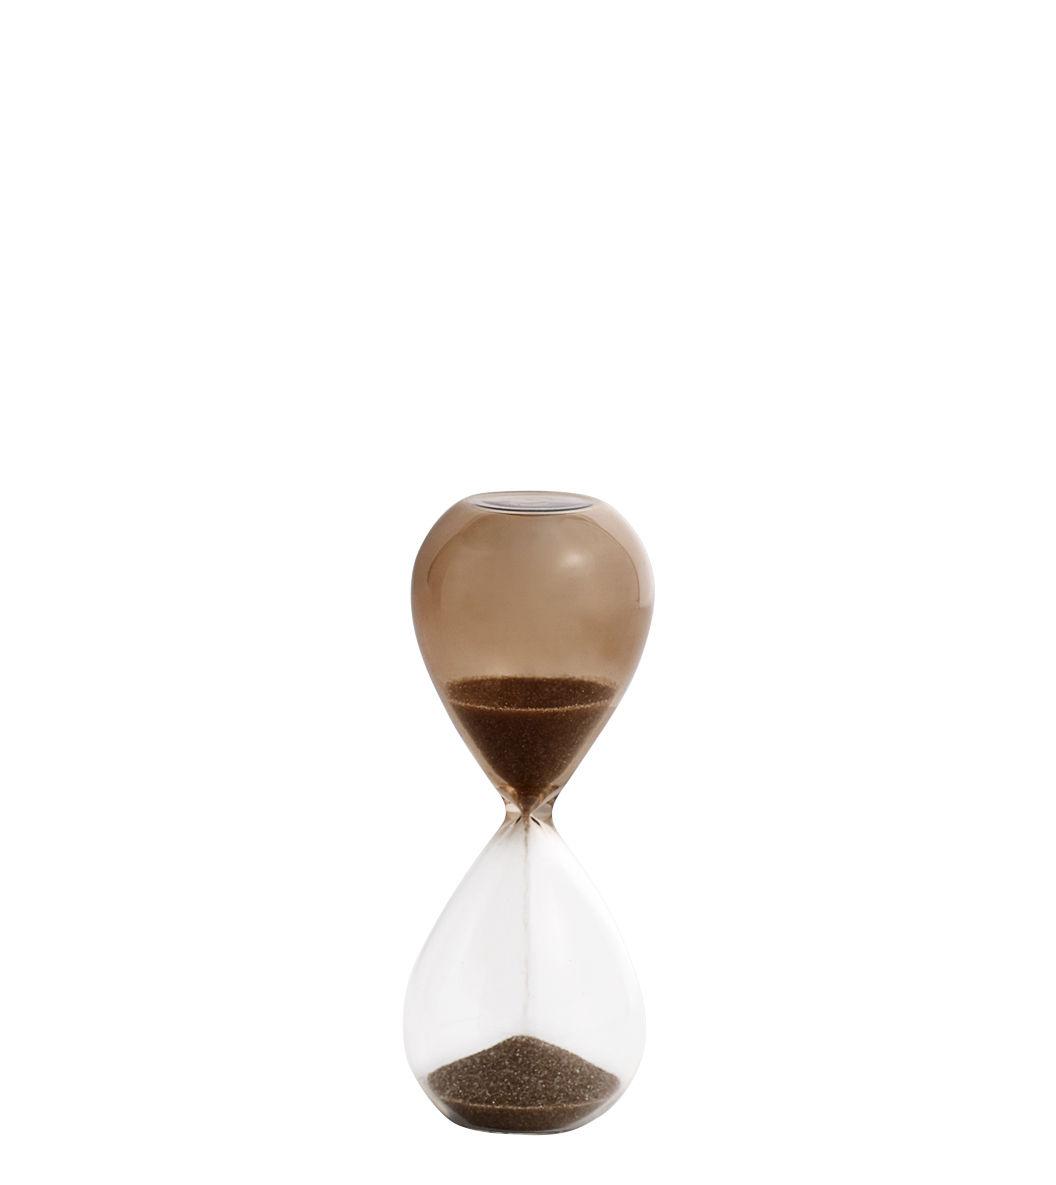 Küche - Küchenutensilien - Time Small Eieruhr / 3 Minuten - H 9 cm - Hay - Transparent / hautfarben - Glas, Sand